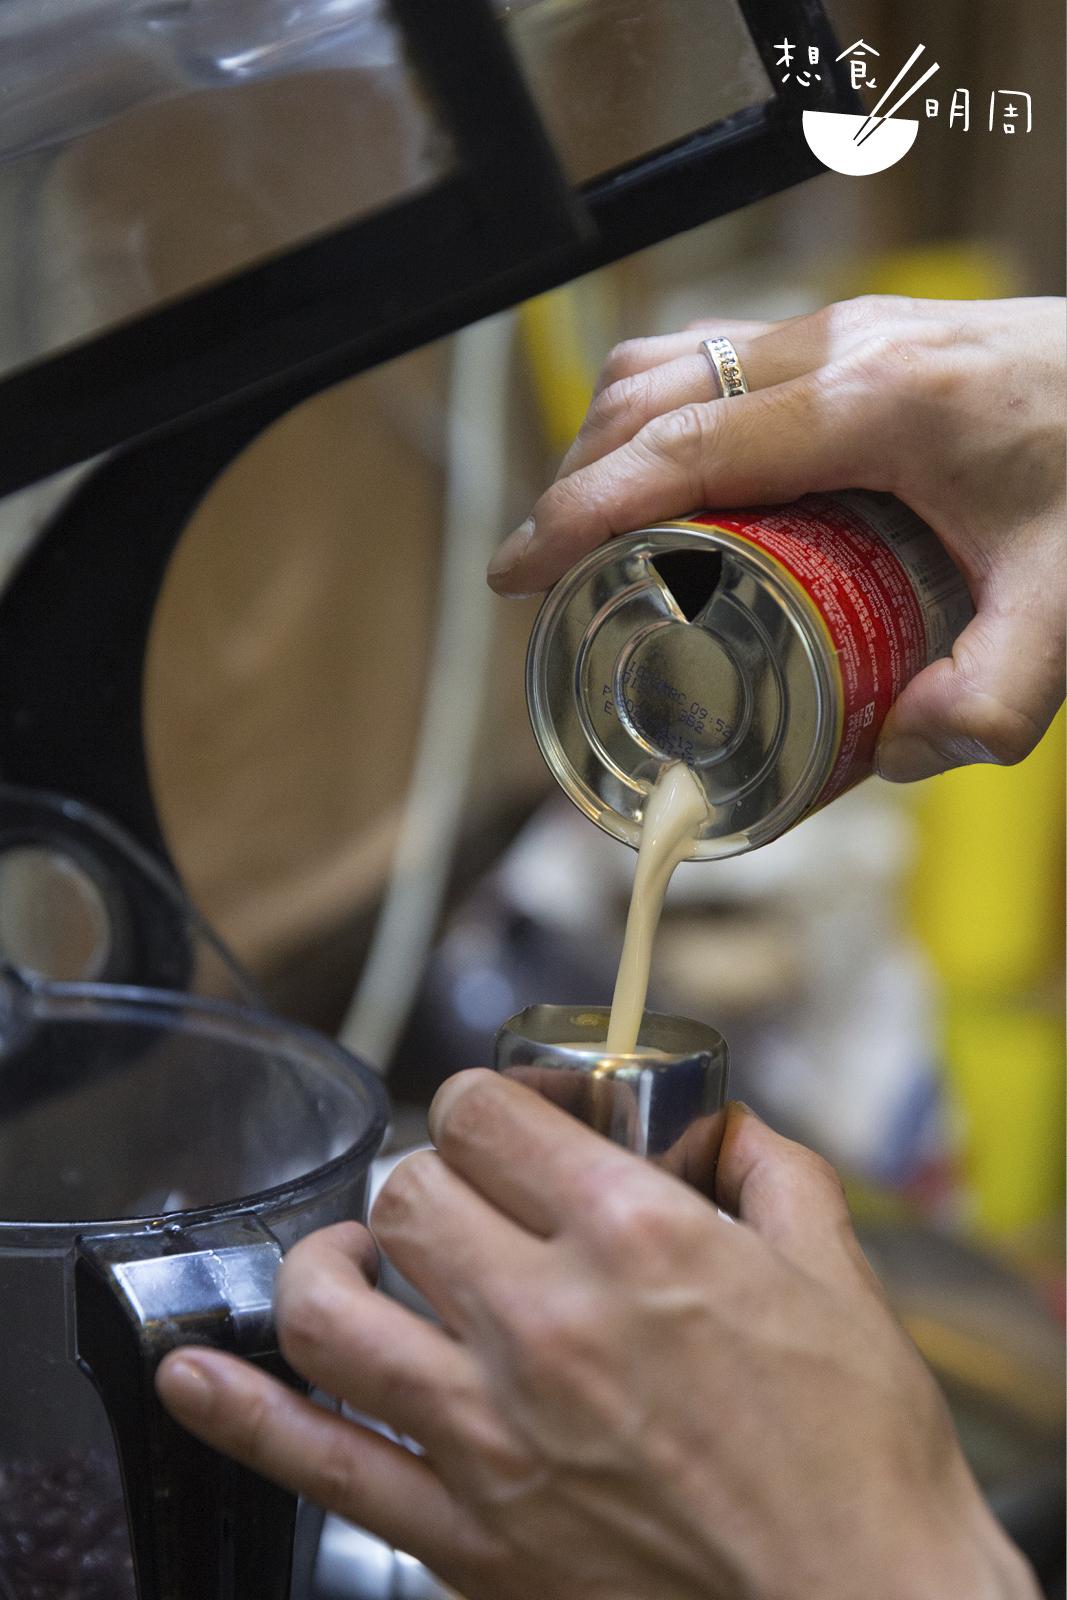 加入濃縮花奶取代牛奶的港式奶昔,除了忠於紅豆冰的製法外,亦因為其奶脂質地較濃,令奶昔口感較滑。